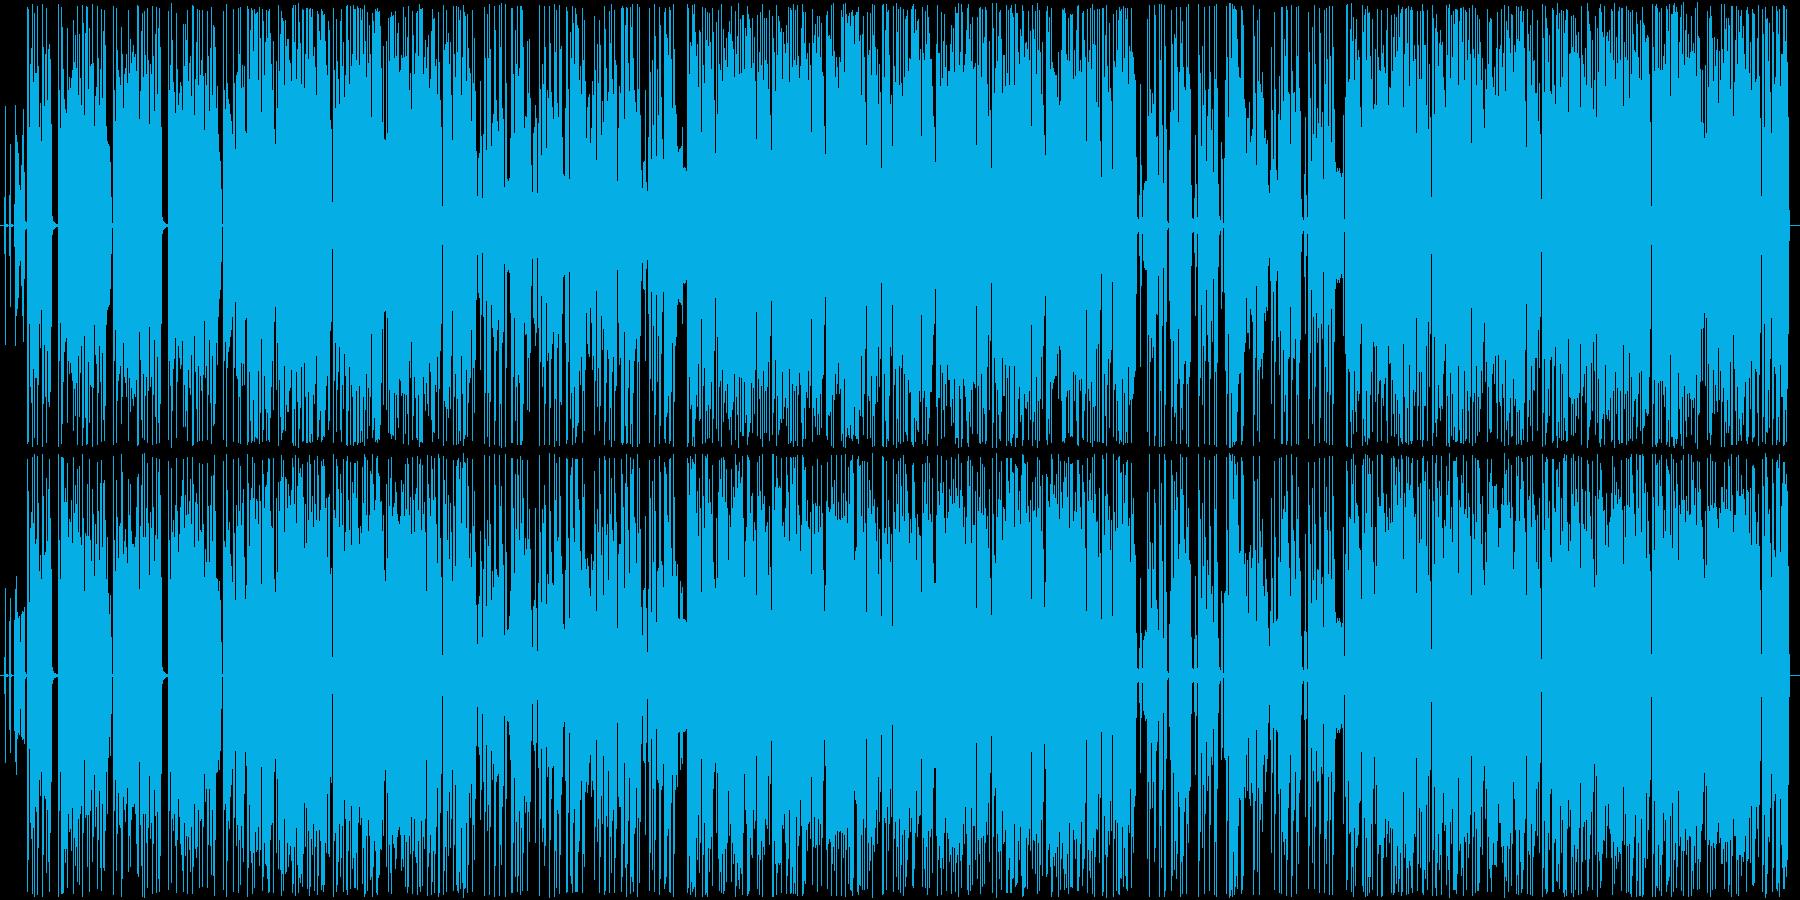 怪しげでダークな機械音声の入ったクラブ曲の再生済みの波形